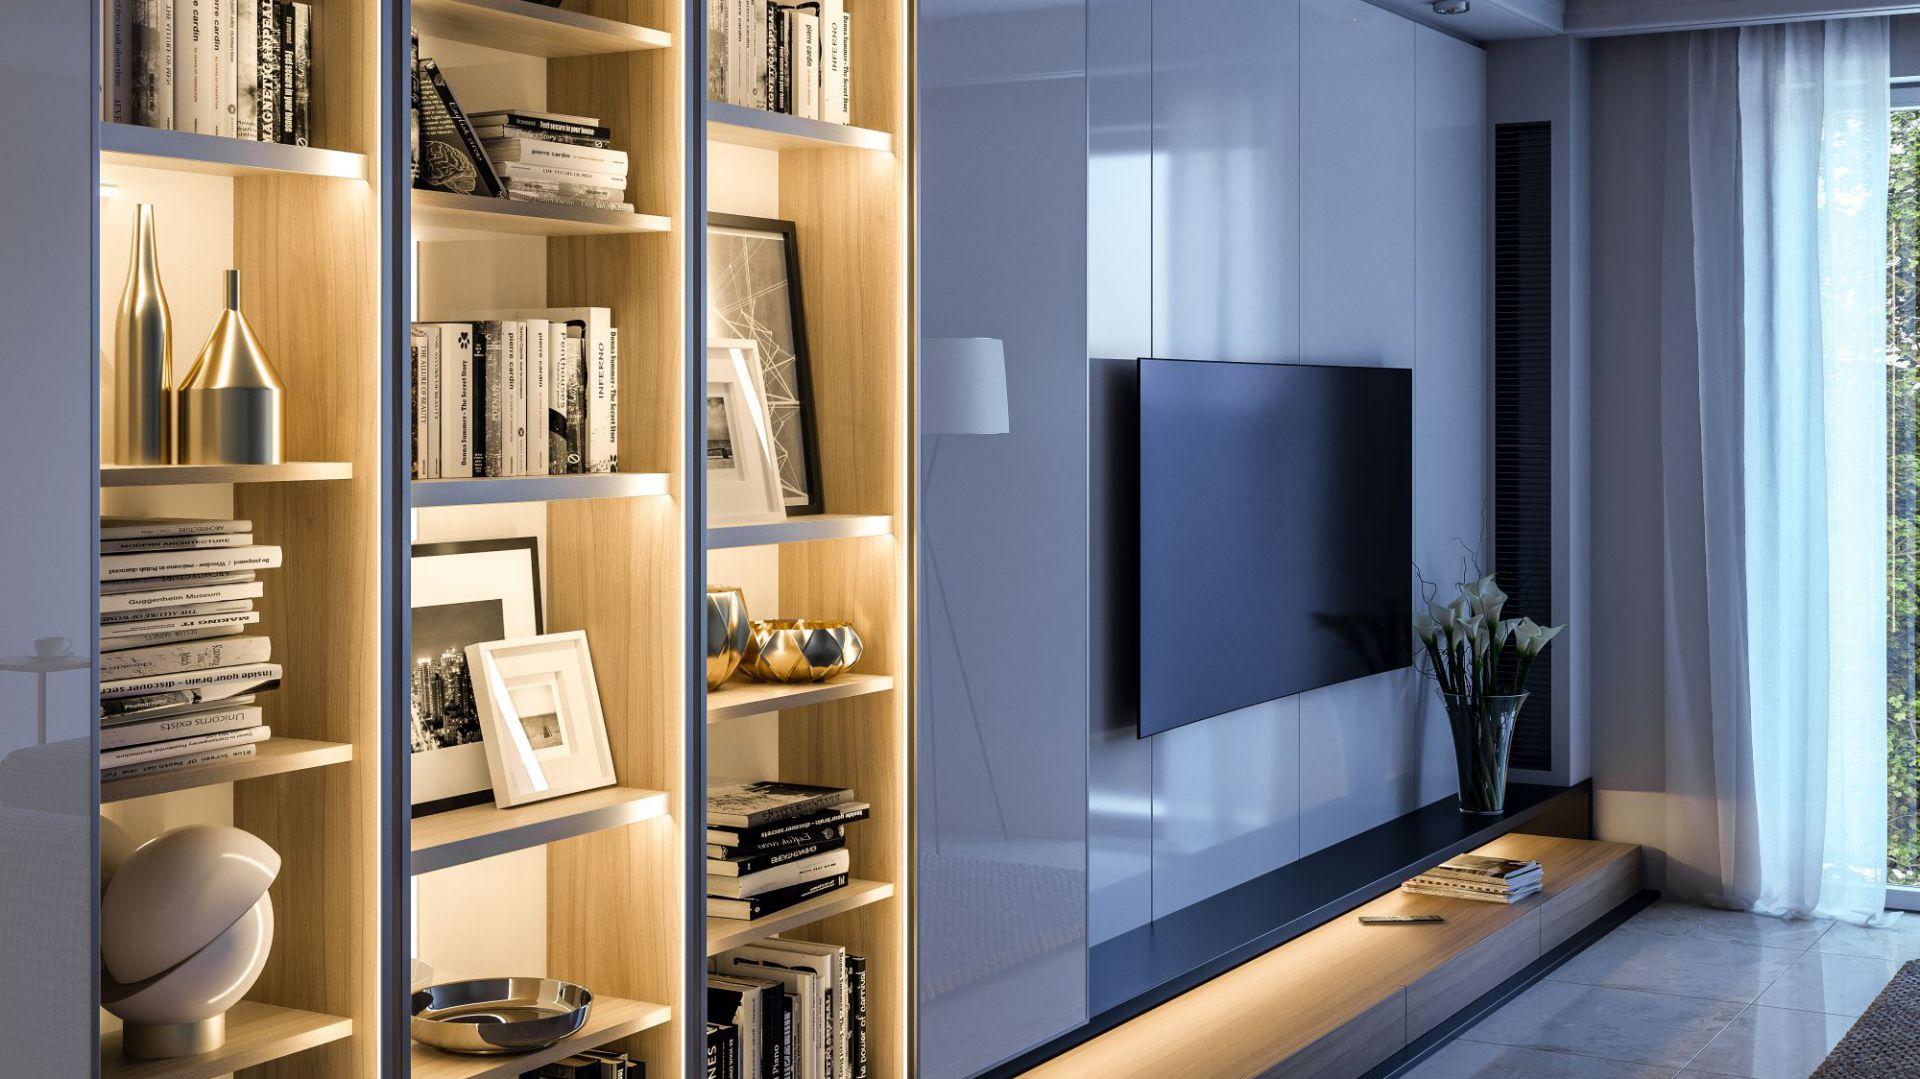 Taśmy LED oraz profile GLAX stwarzają nieograniczone możliwości aranżacyjne. Fot. GTV